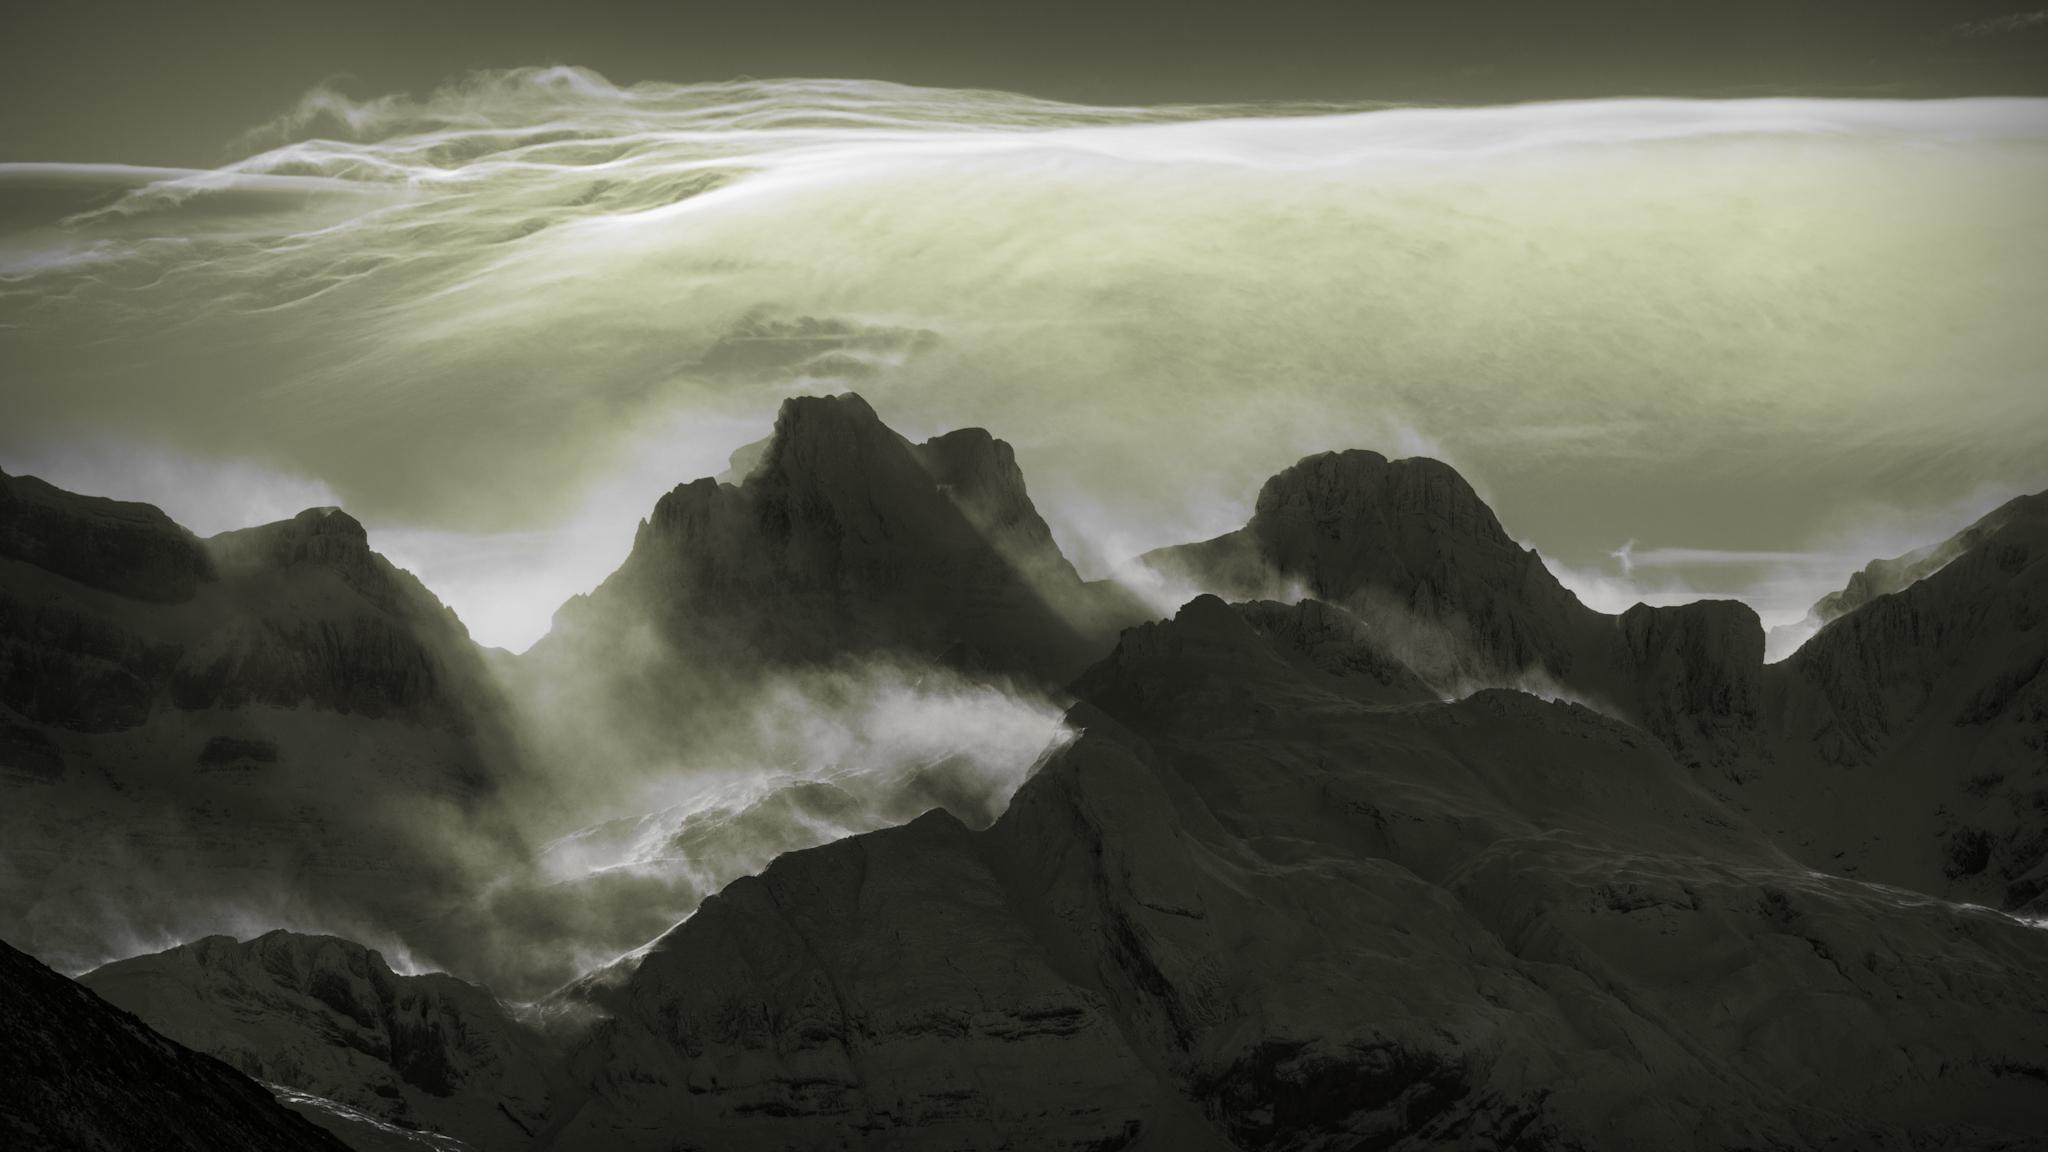 Nubes de viento sobre el Aspe - Paisajes del valle - Fotos del Valle del Aragón, Mikel Besga